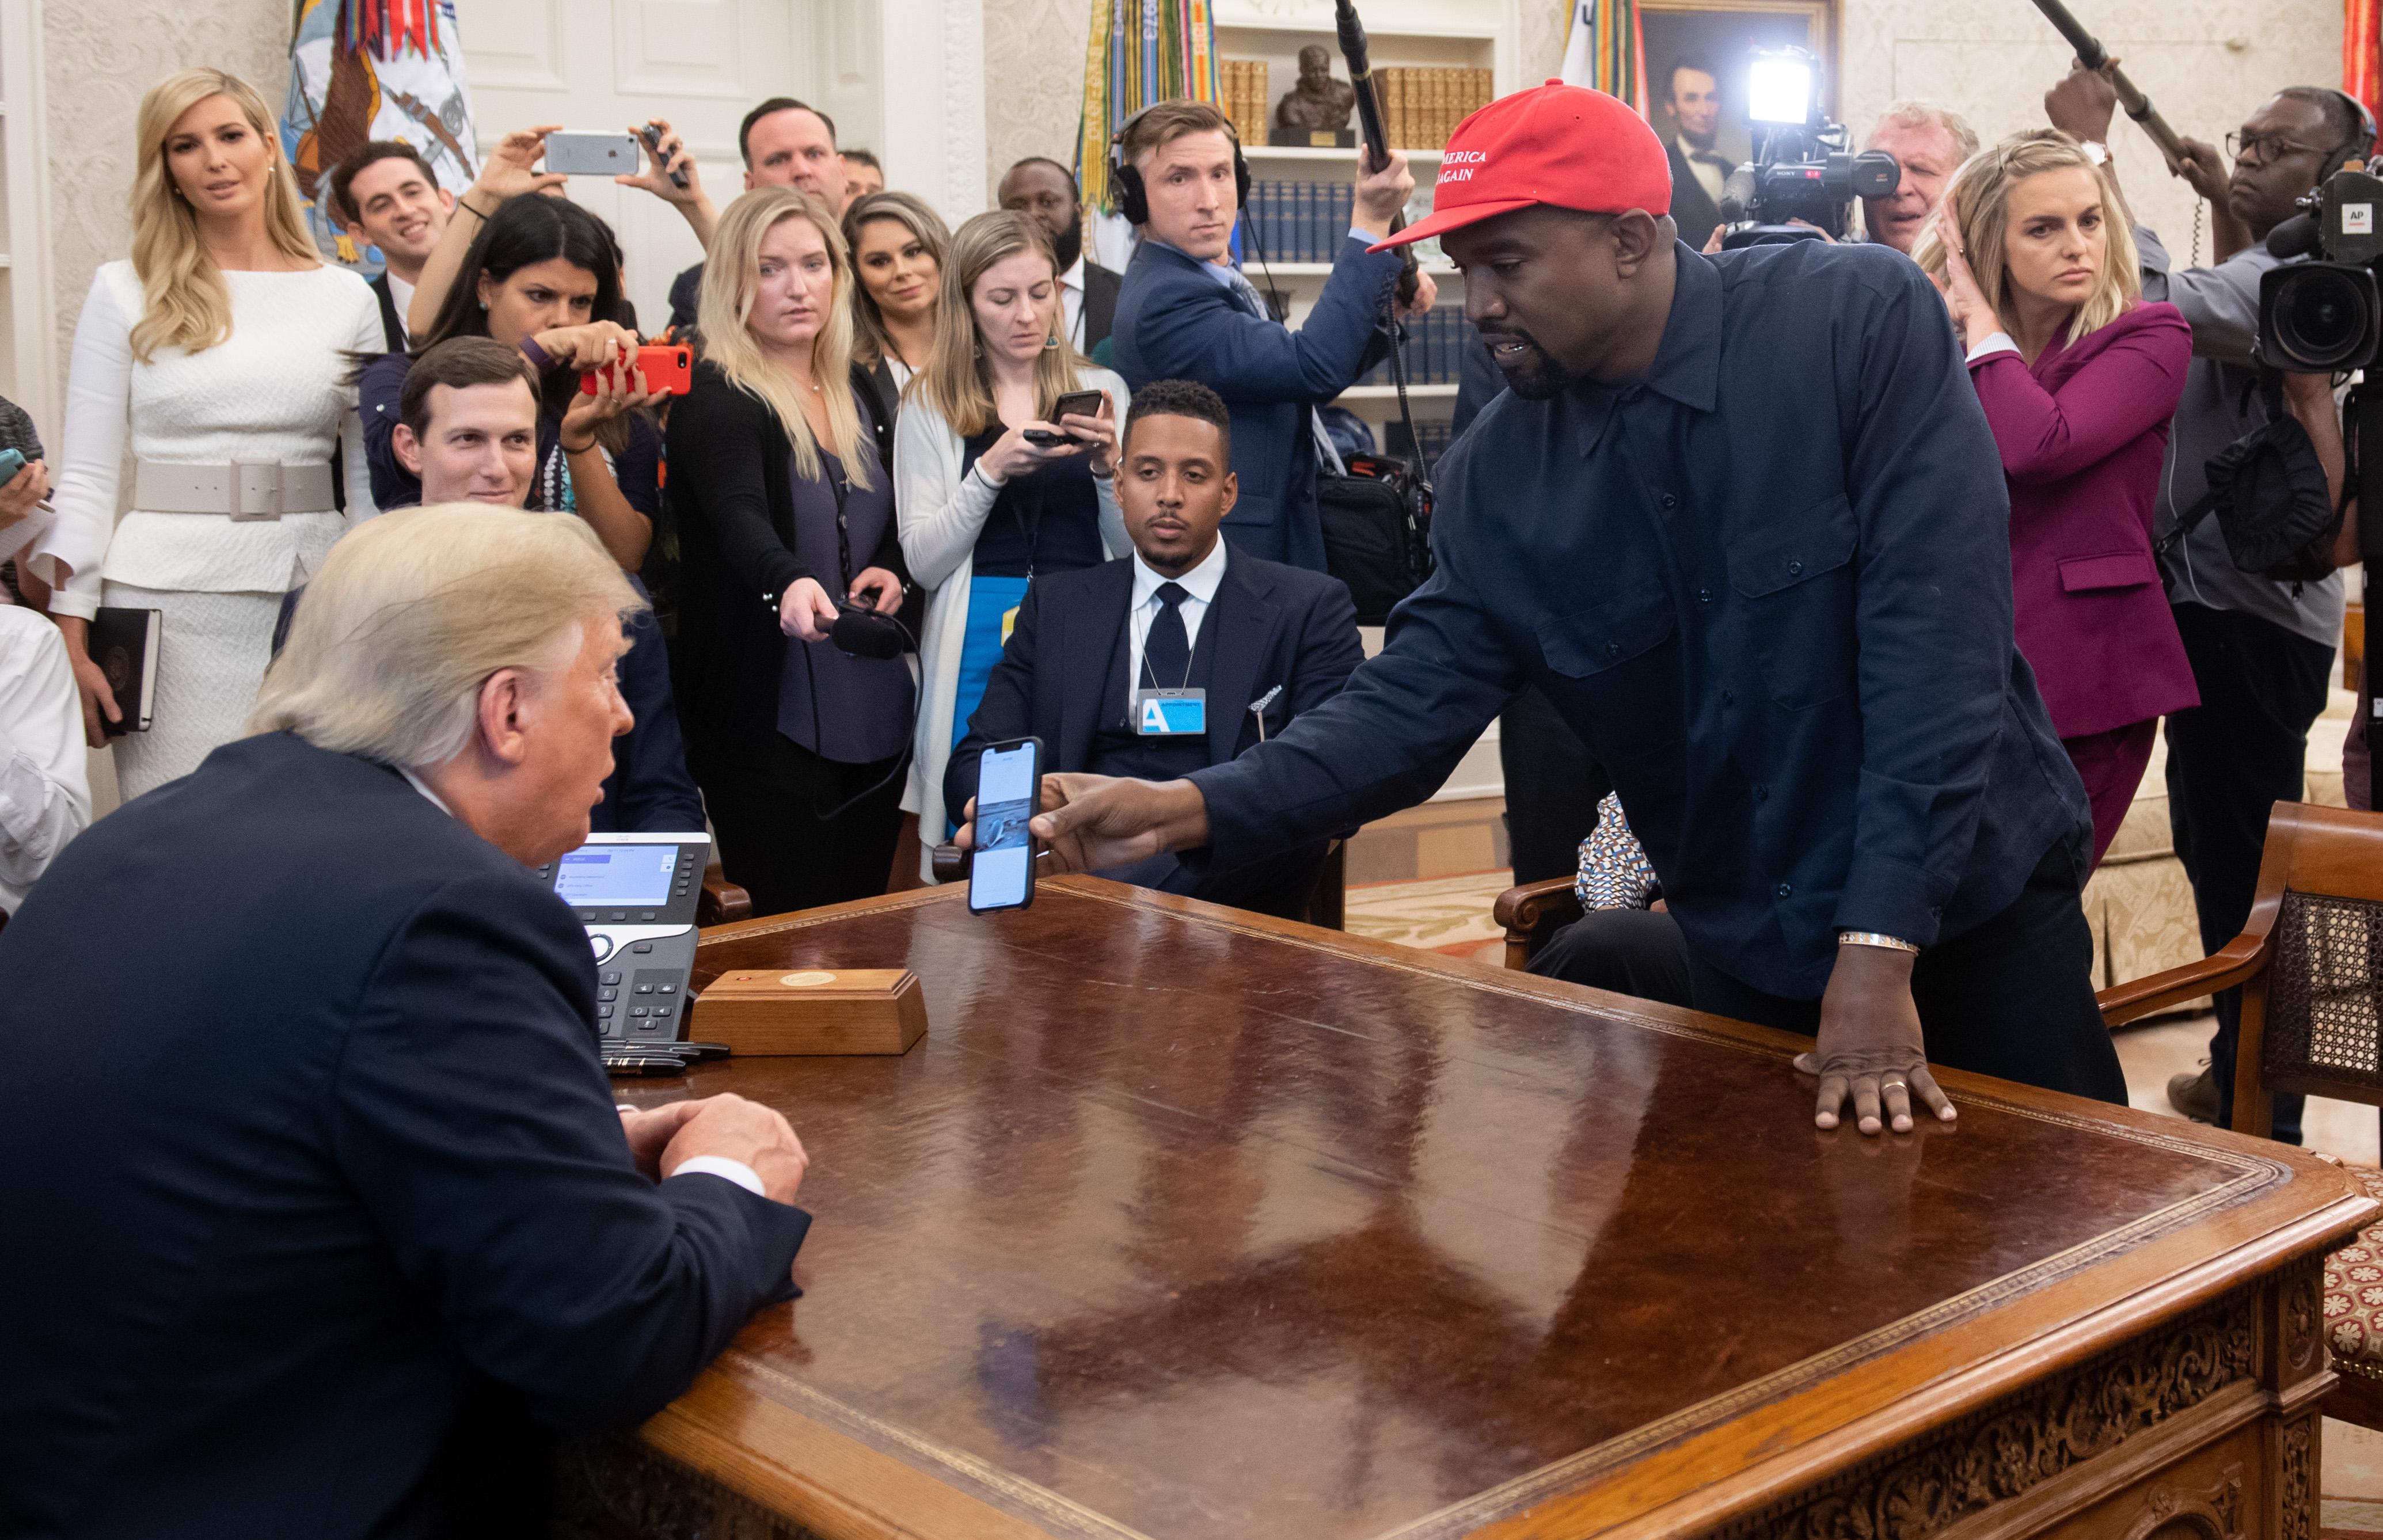 Kim Kardashian lényegében totális idiótának tartja a férjét, Kanye Westet, és nagyon kedvesen beszél is erről széles nyilvánosság előtt